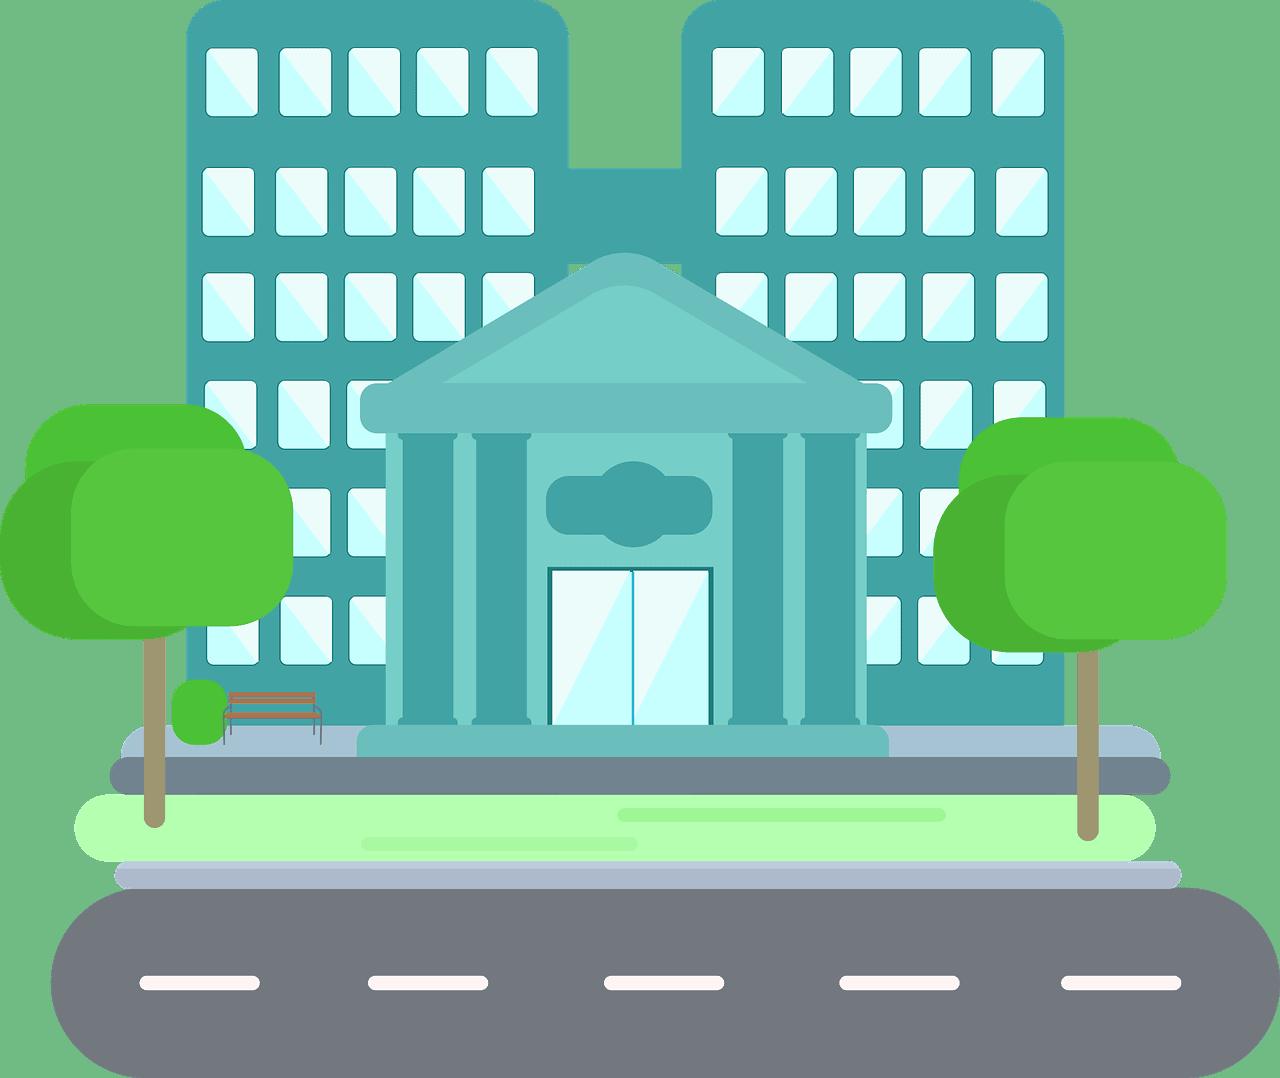 בנקים – חובות, זכויות בירוקרטיה ומשפטים